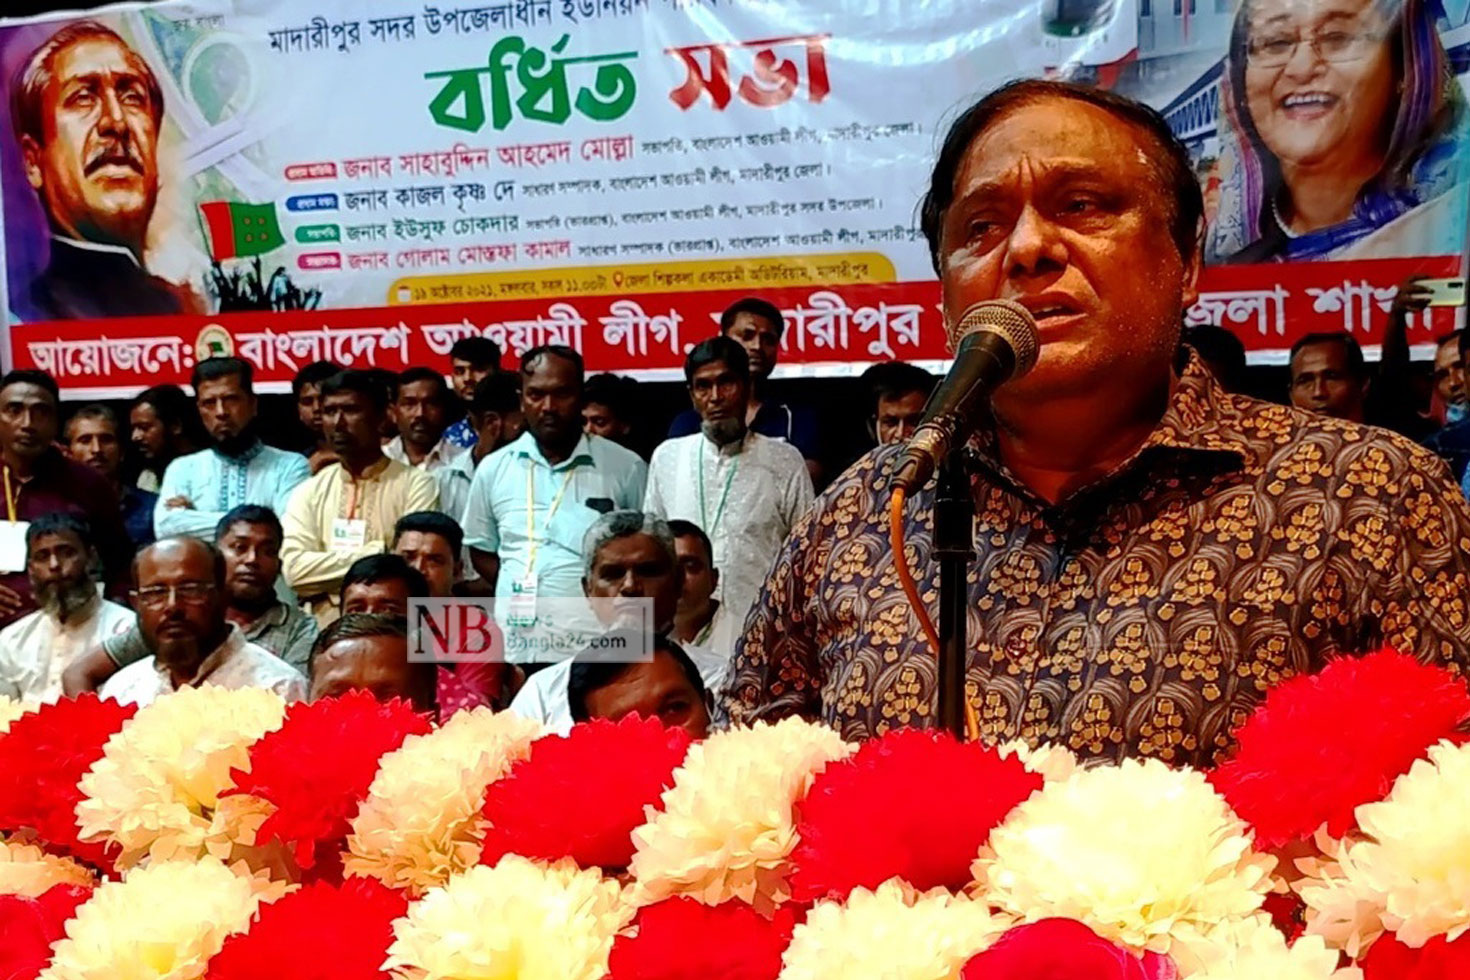 'বাহাদুরি থামান' শাজাহানকে শাহাবুদ্দিন